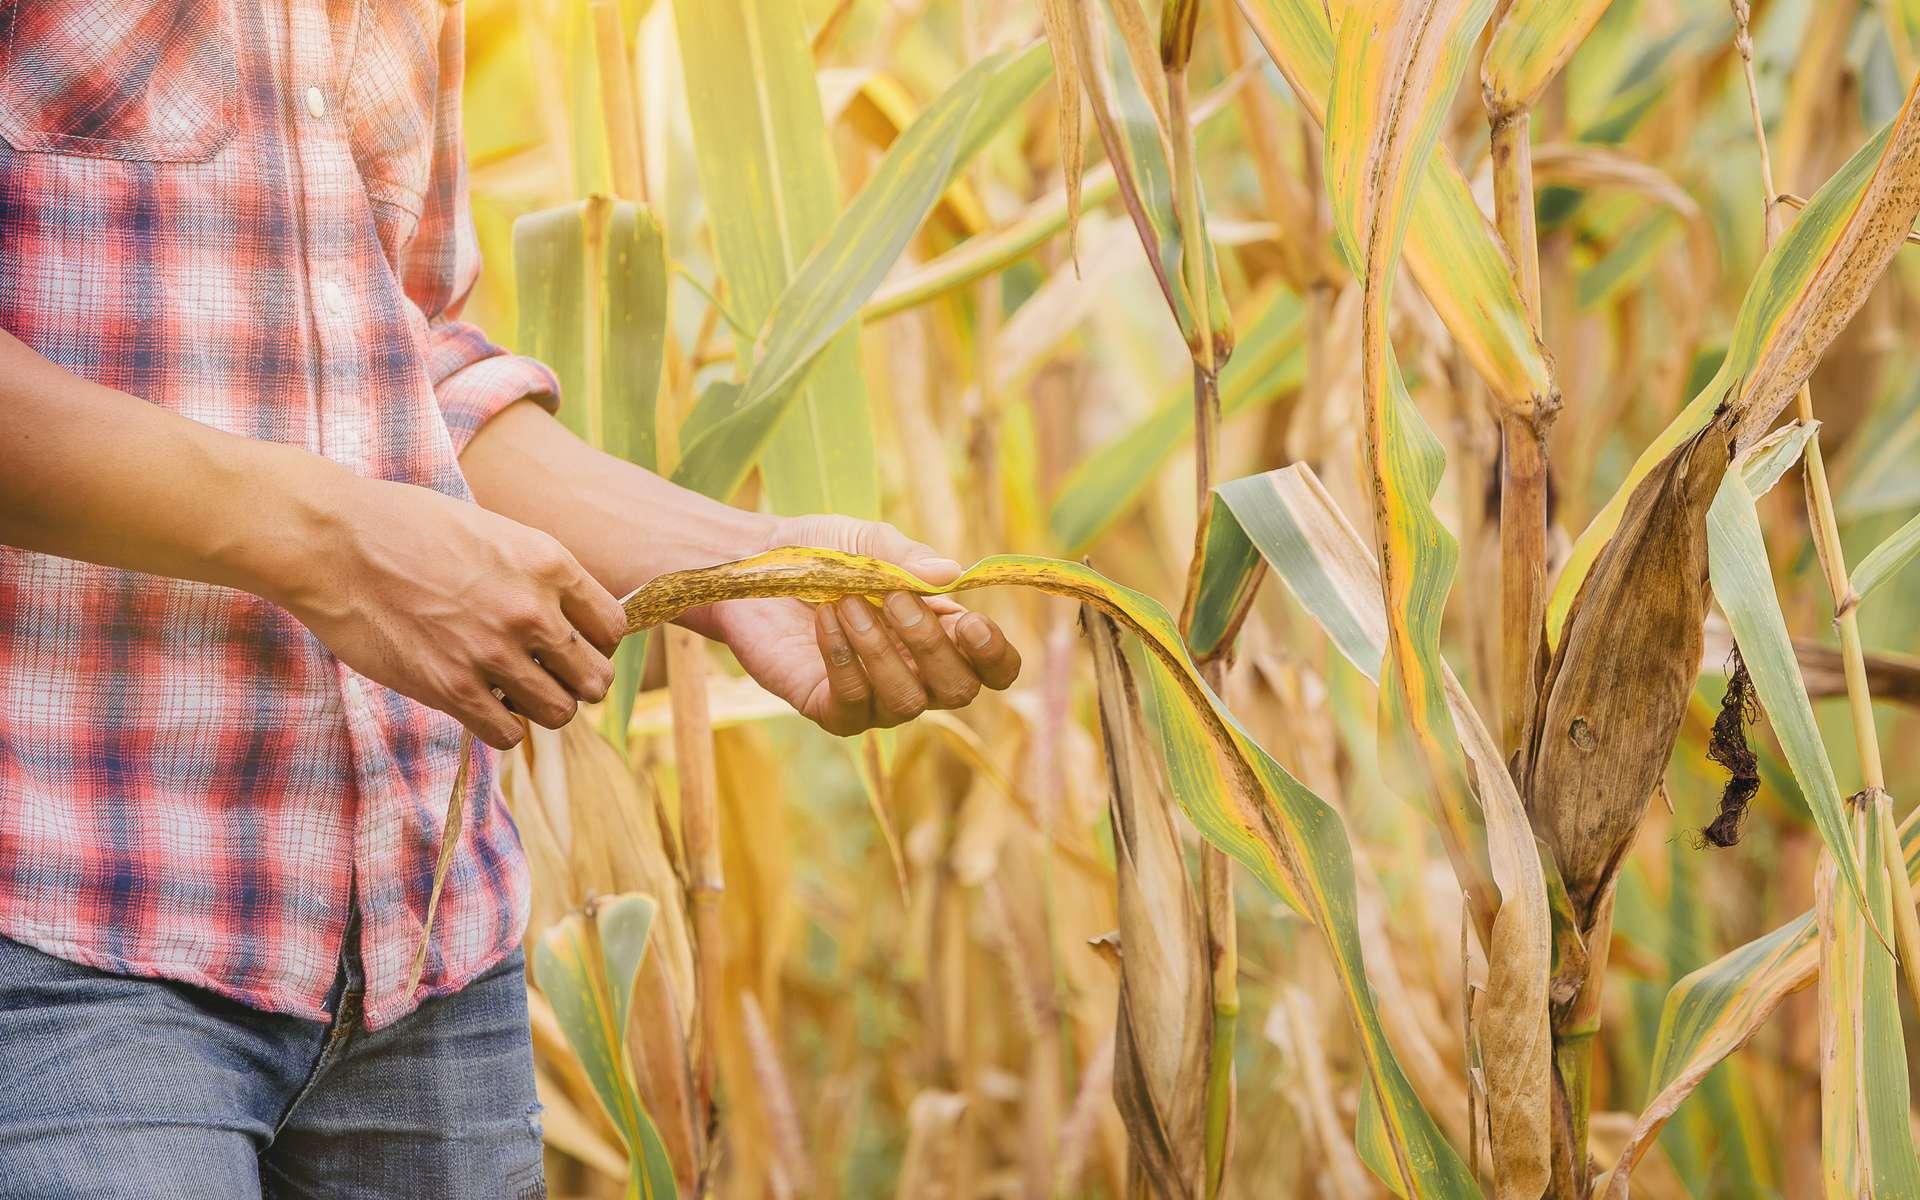 Les agriculteurs devront s'adapter au changement climatique également. © Panumas, Adobe Stock